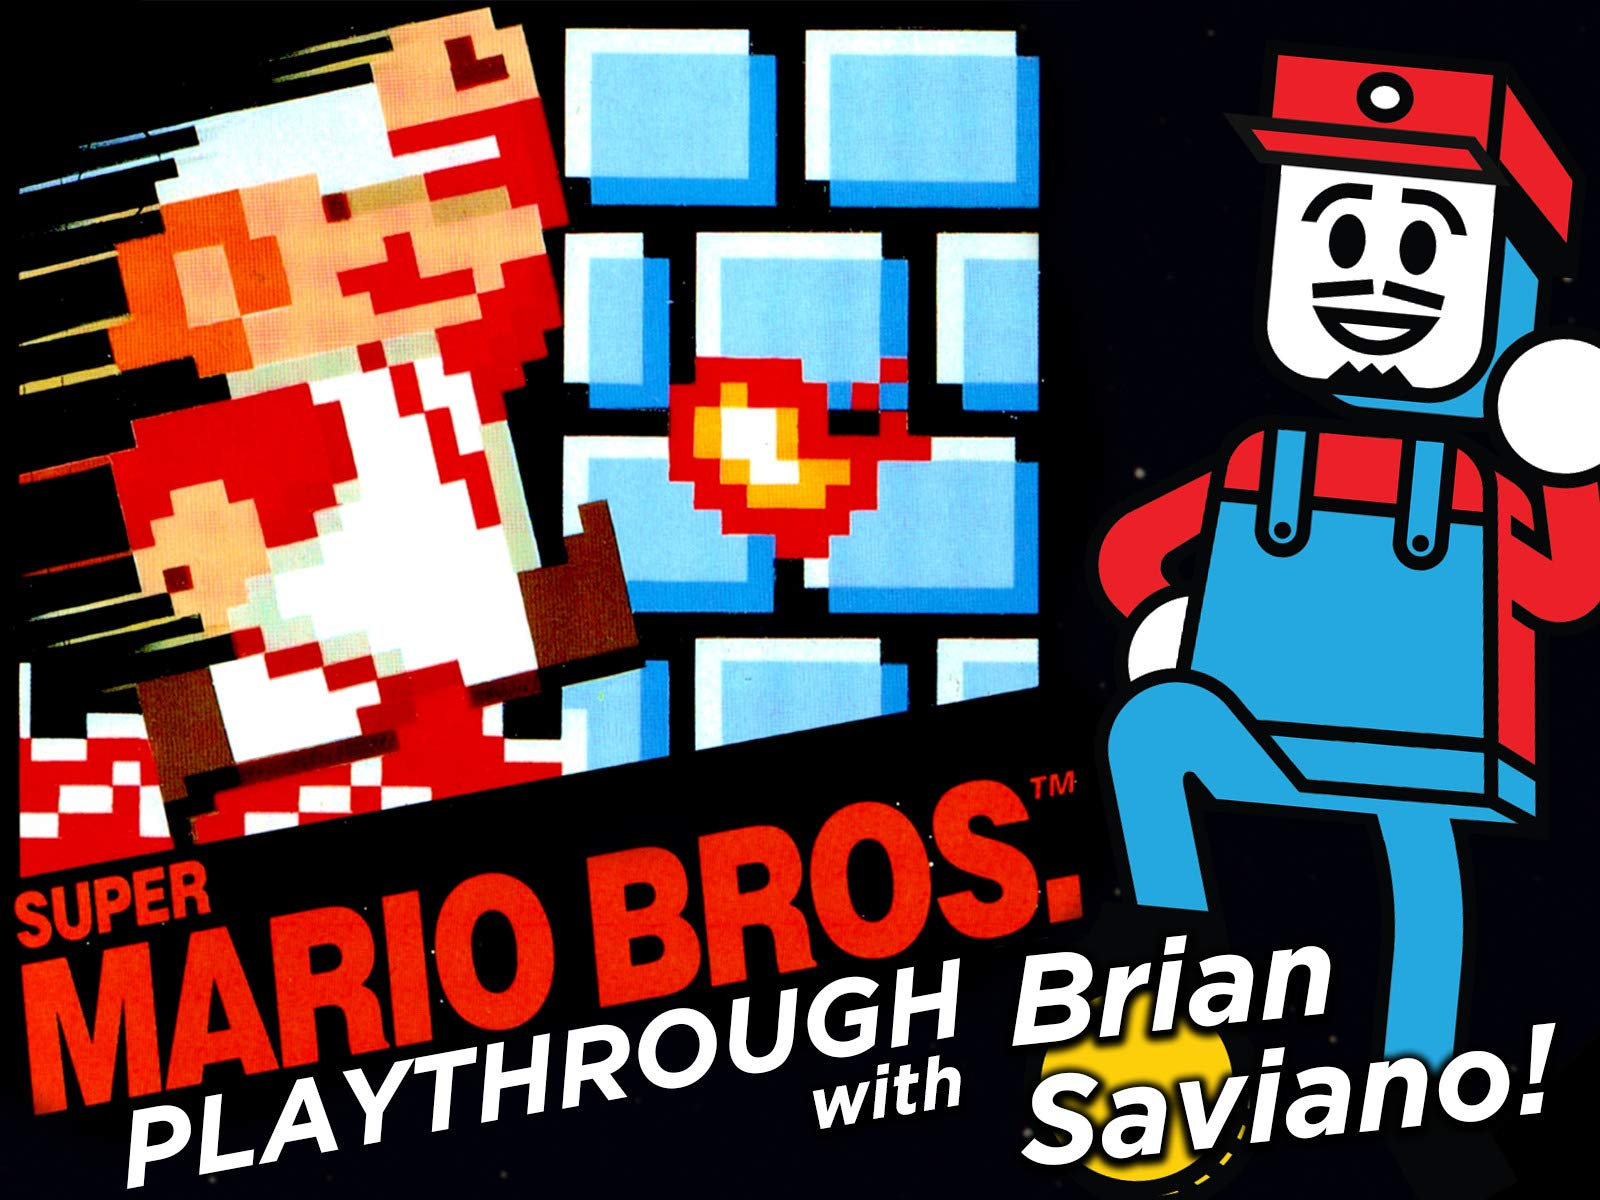 Clip: Super Mario Bros. Playthrough with Brian Saviano!